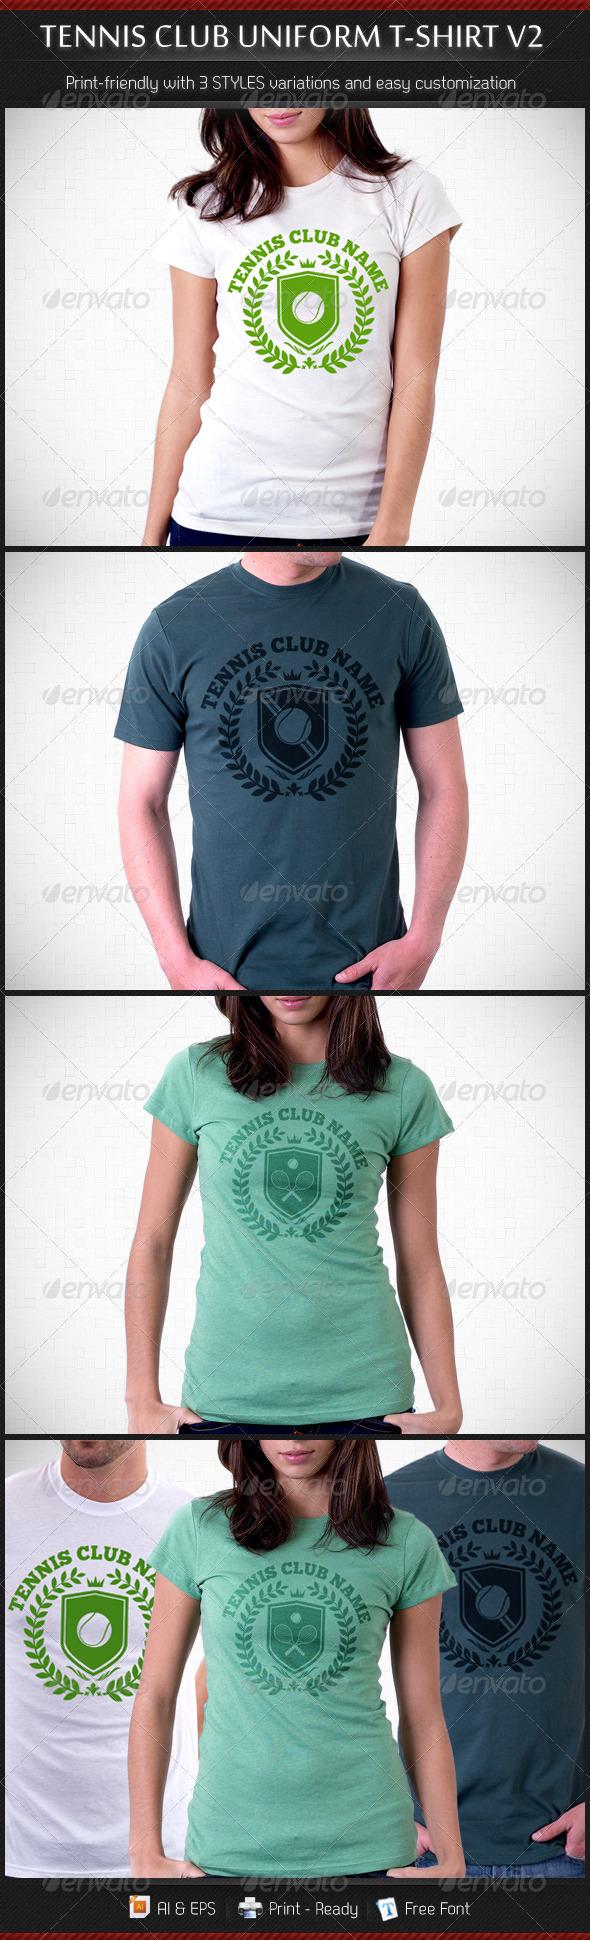 GraphicRiver Tennis Club Uniform T-Shirt Template V2 3547937